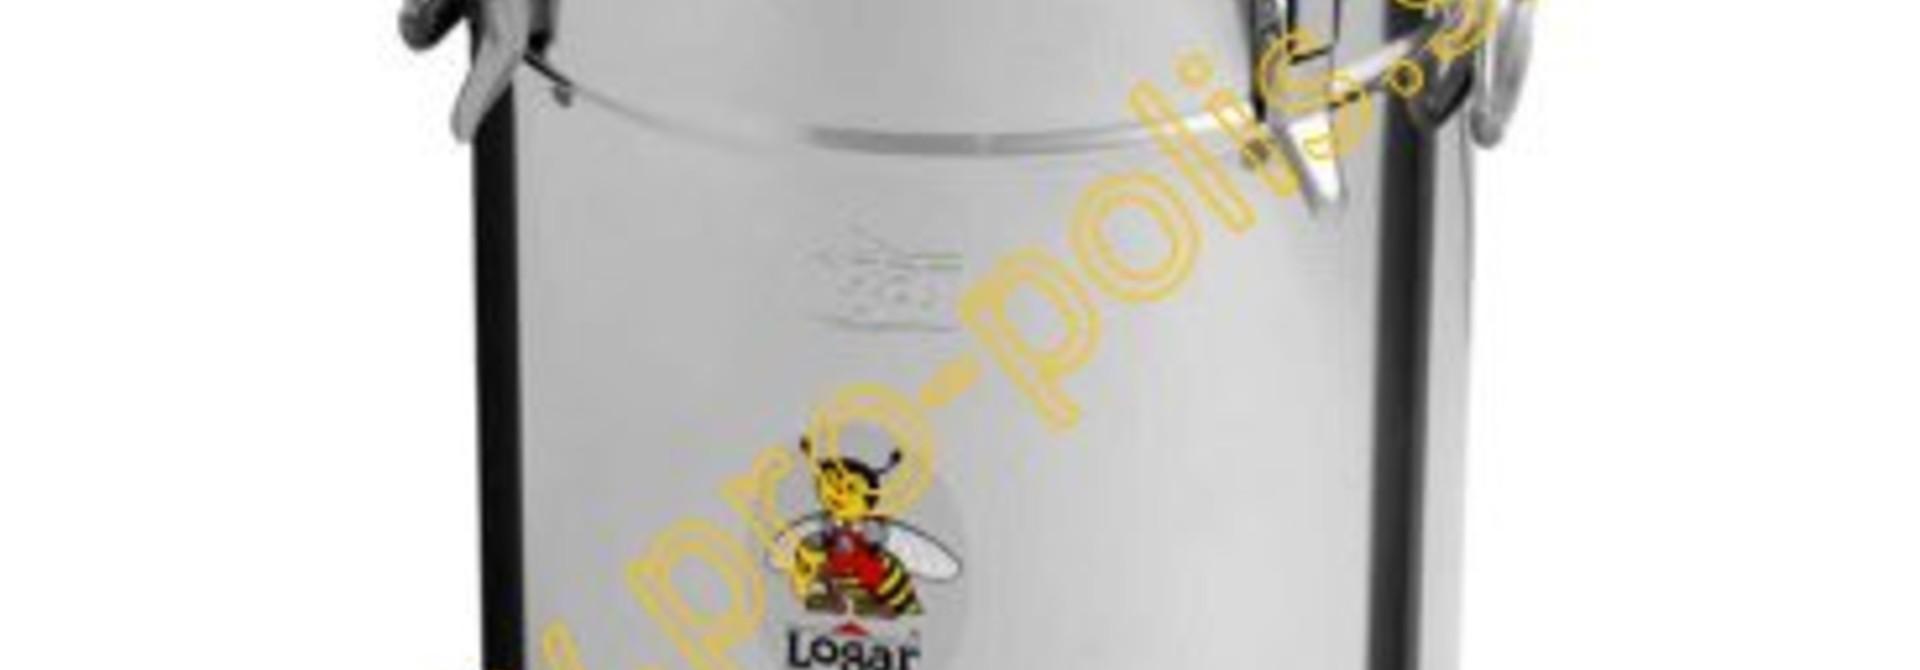 Rijper Logar 35 kg met inox snijkraan en hermetische dichting